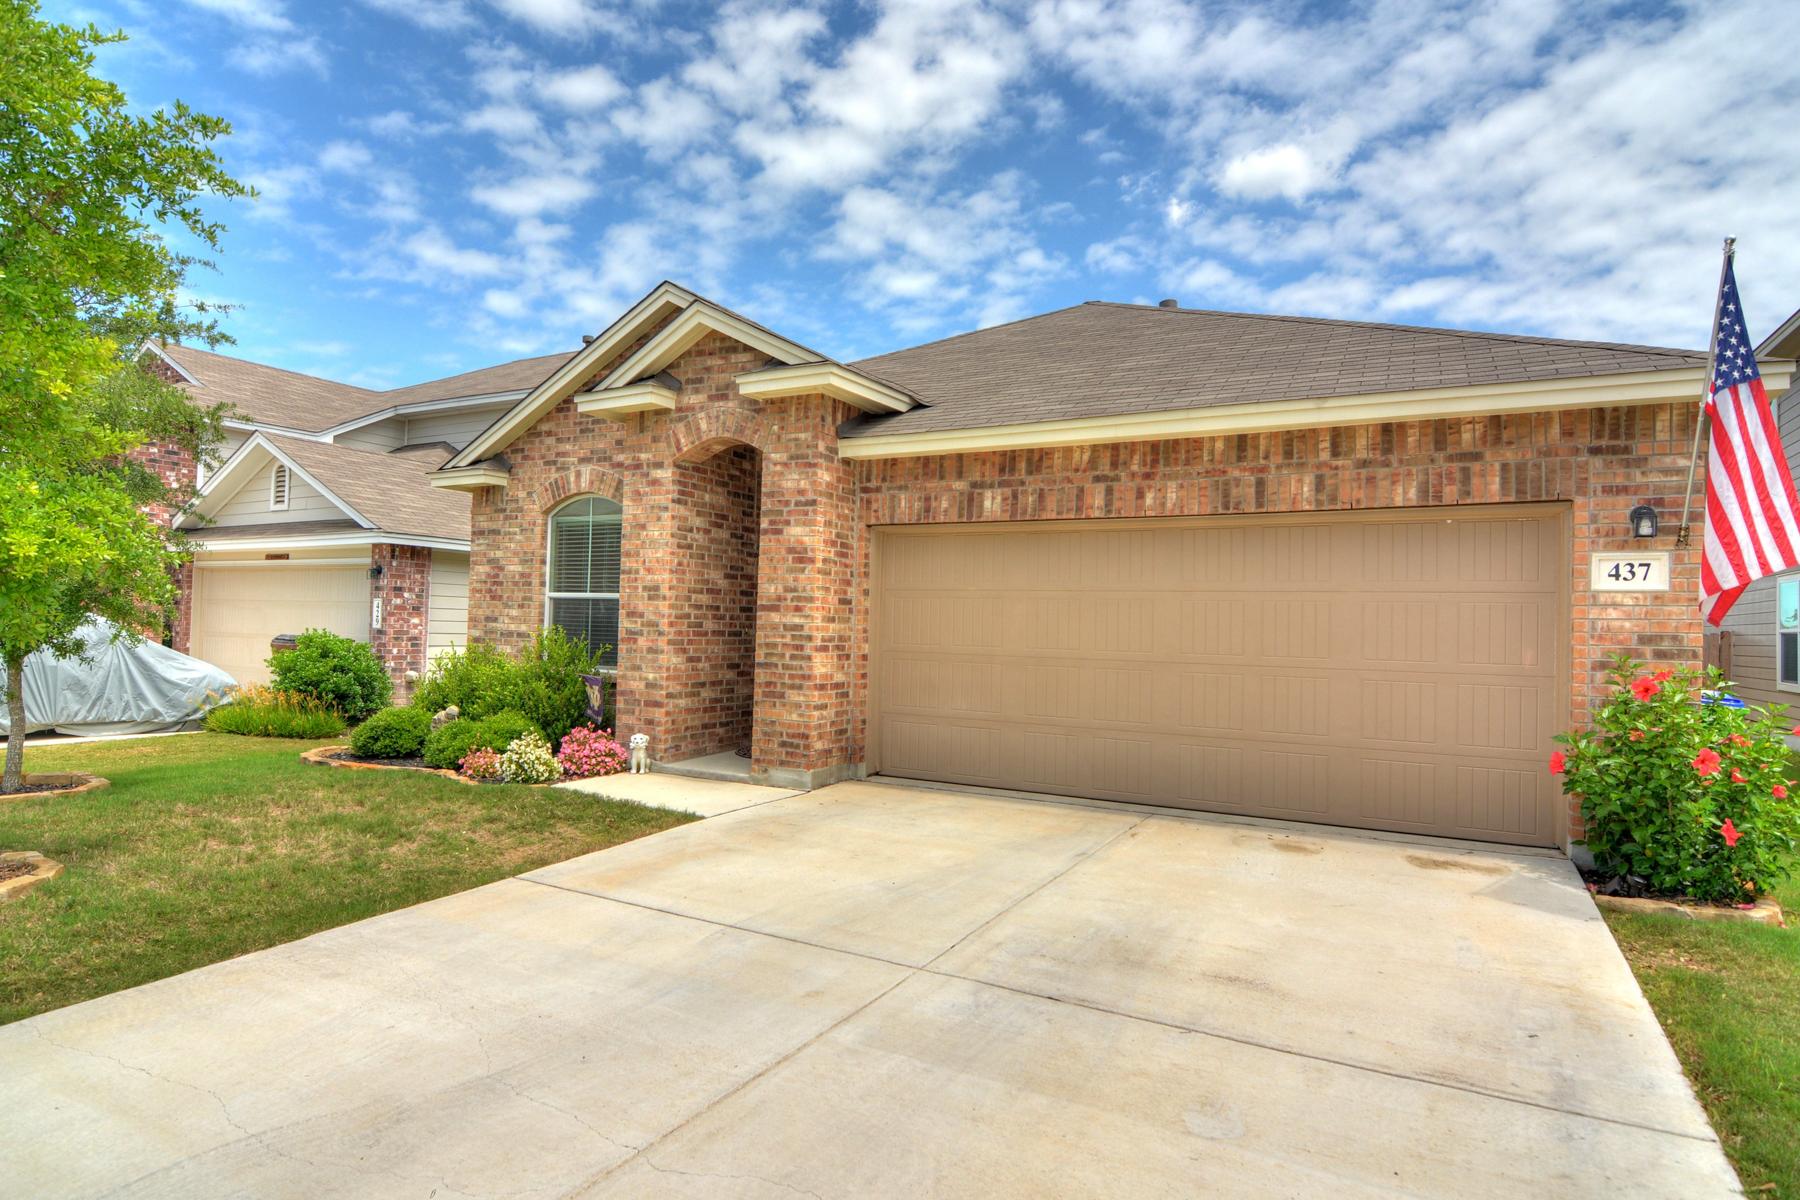 独户住宅 为 销售 在 One Story in Redbird Ranch 437 Perch Horizon 圣安东尼奥, 得克萨斯州, 78253 美国